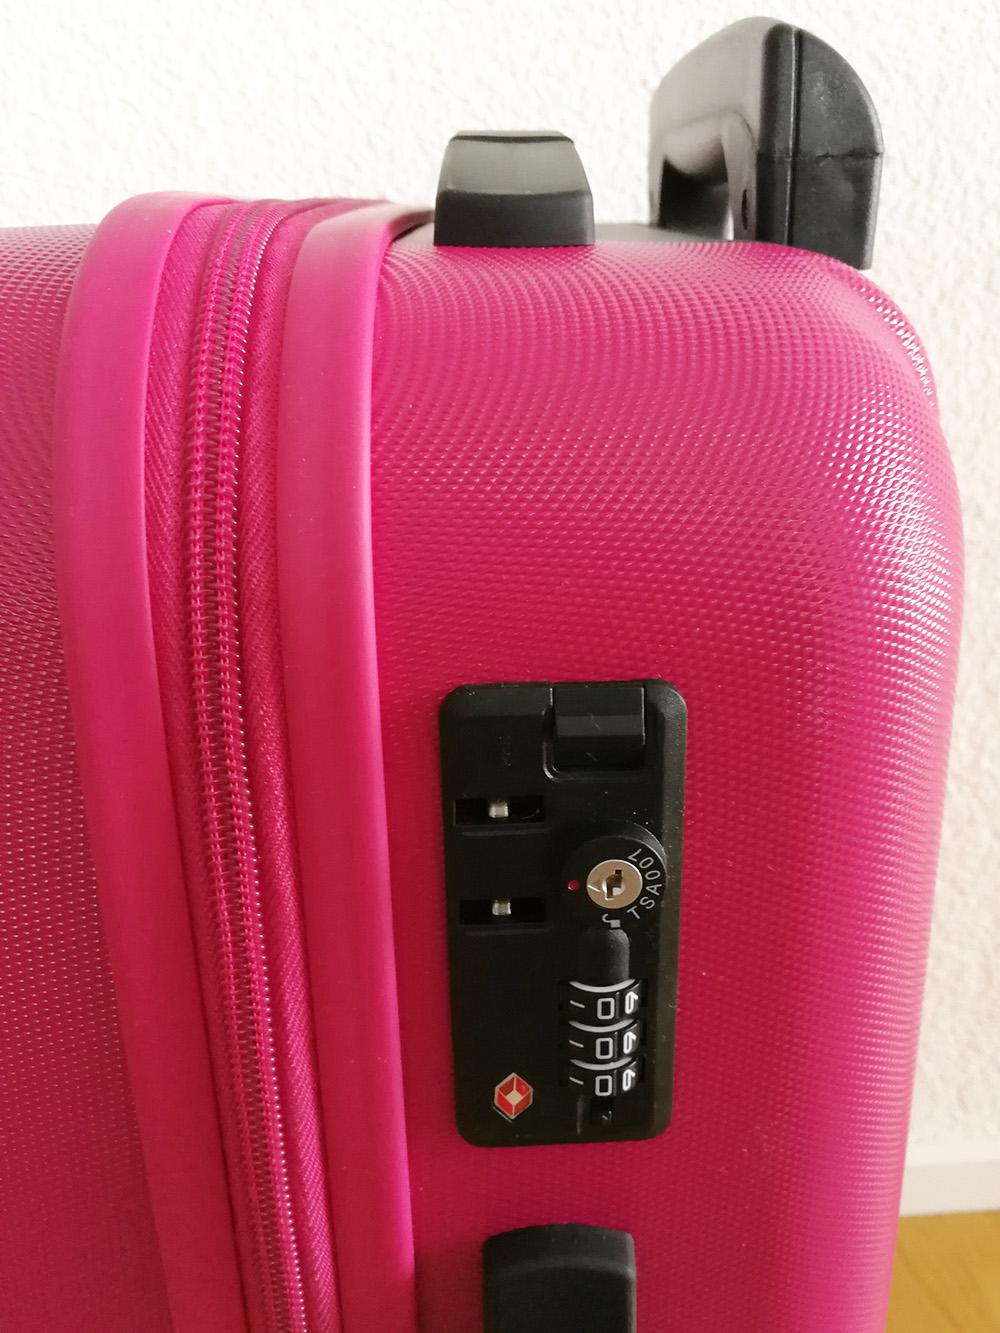 Mein neuer Koffer von koffer.ch hat ein Zahlenschloss